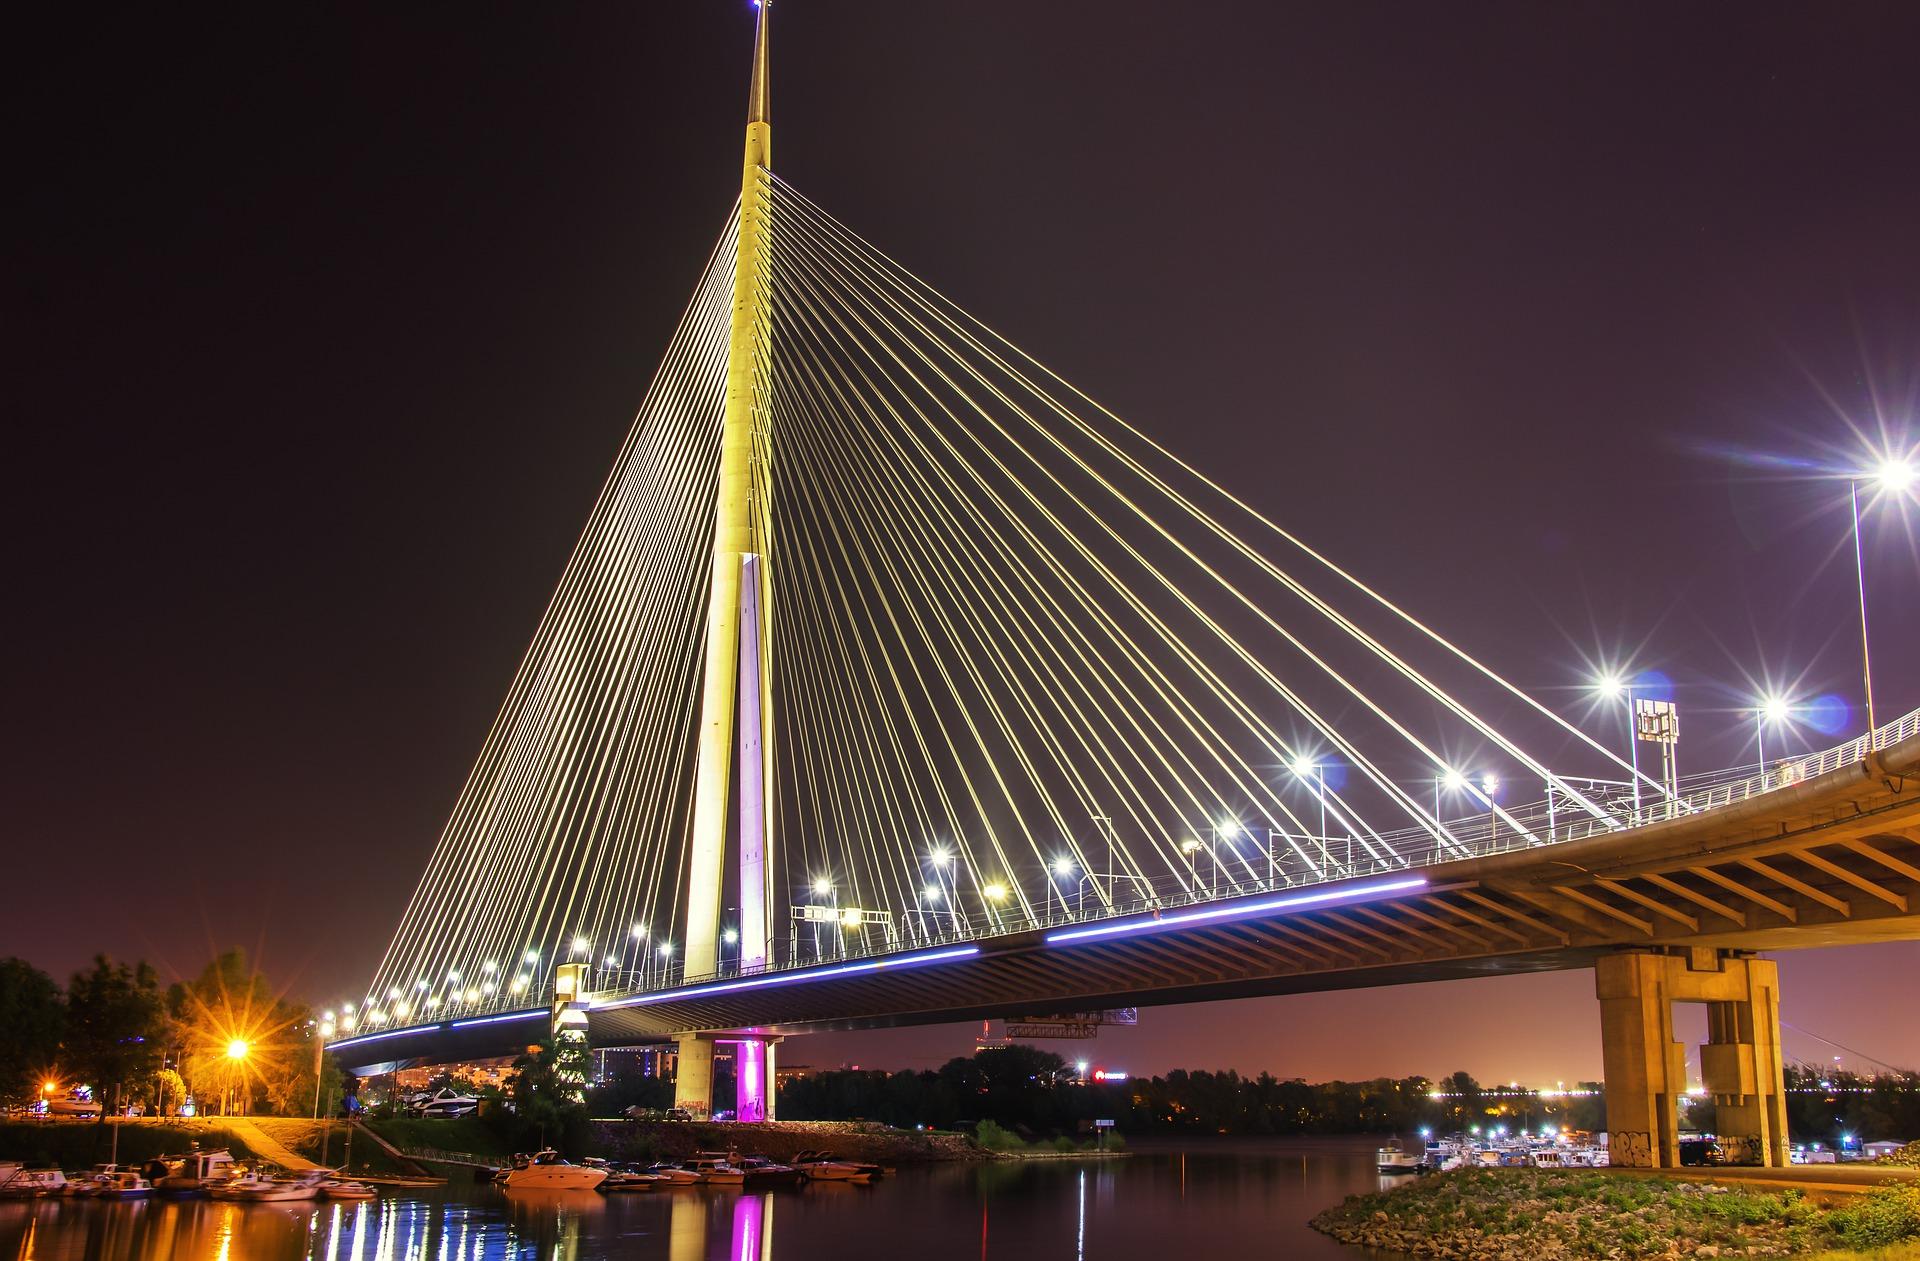 Belgrado cosa vedere in tre giorni: i luoghi più importanti